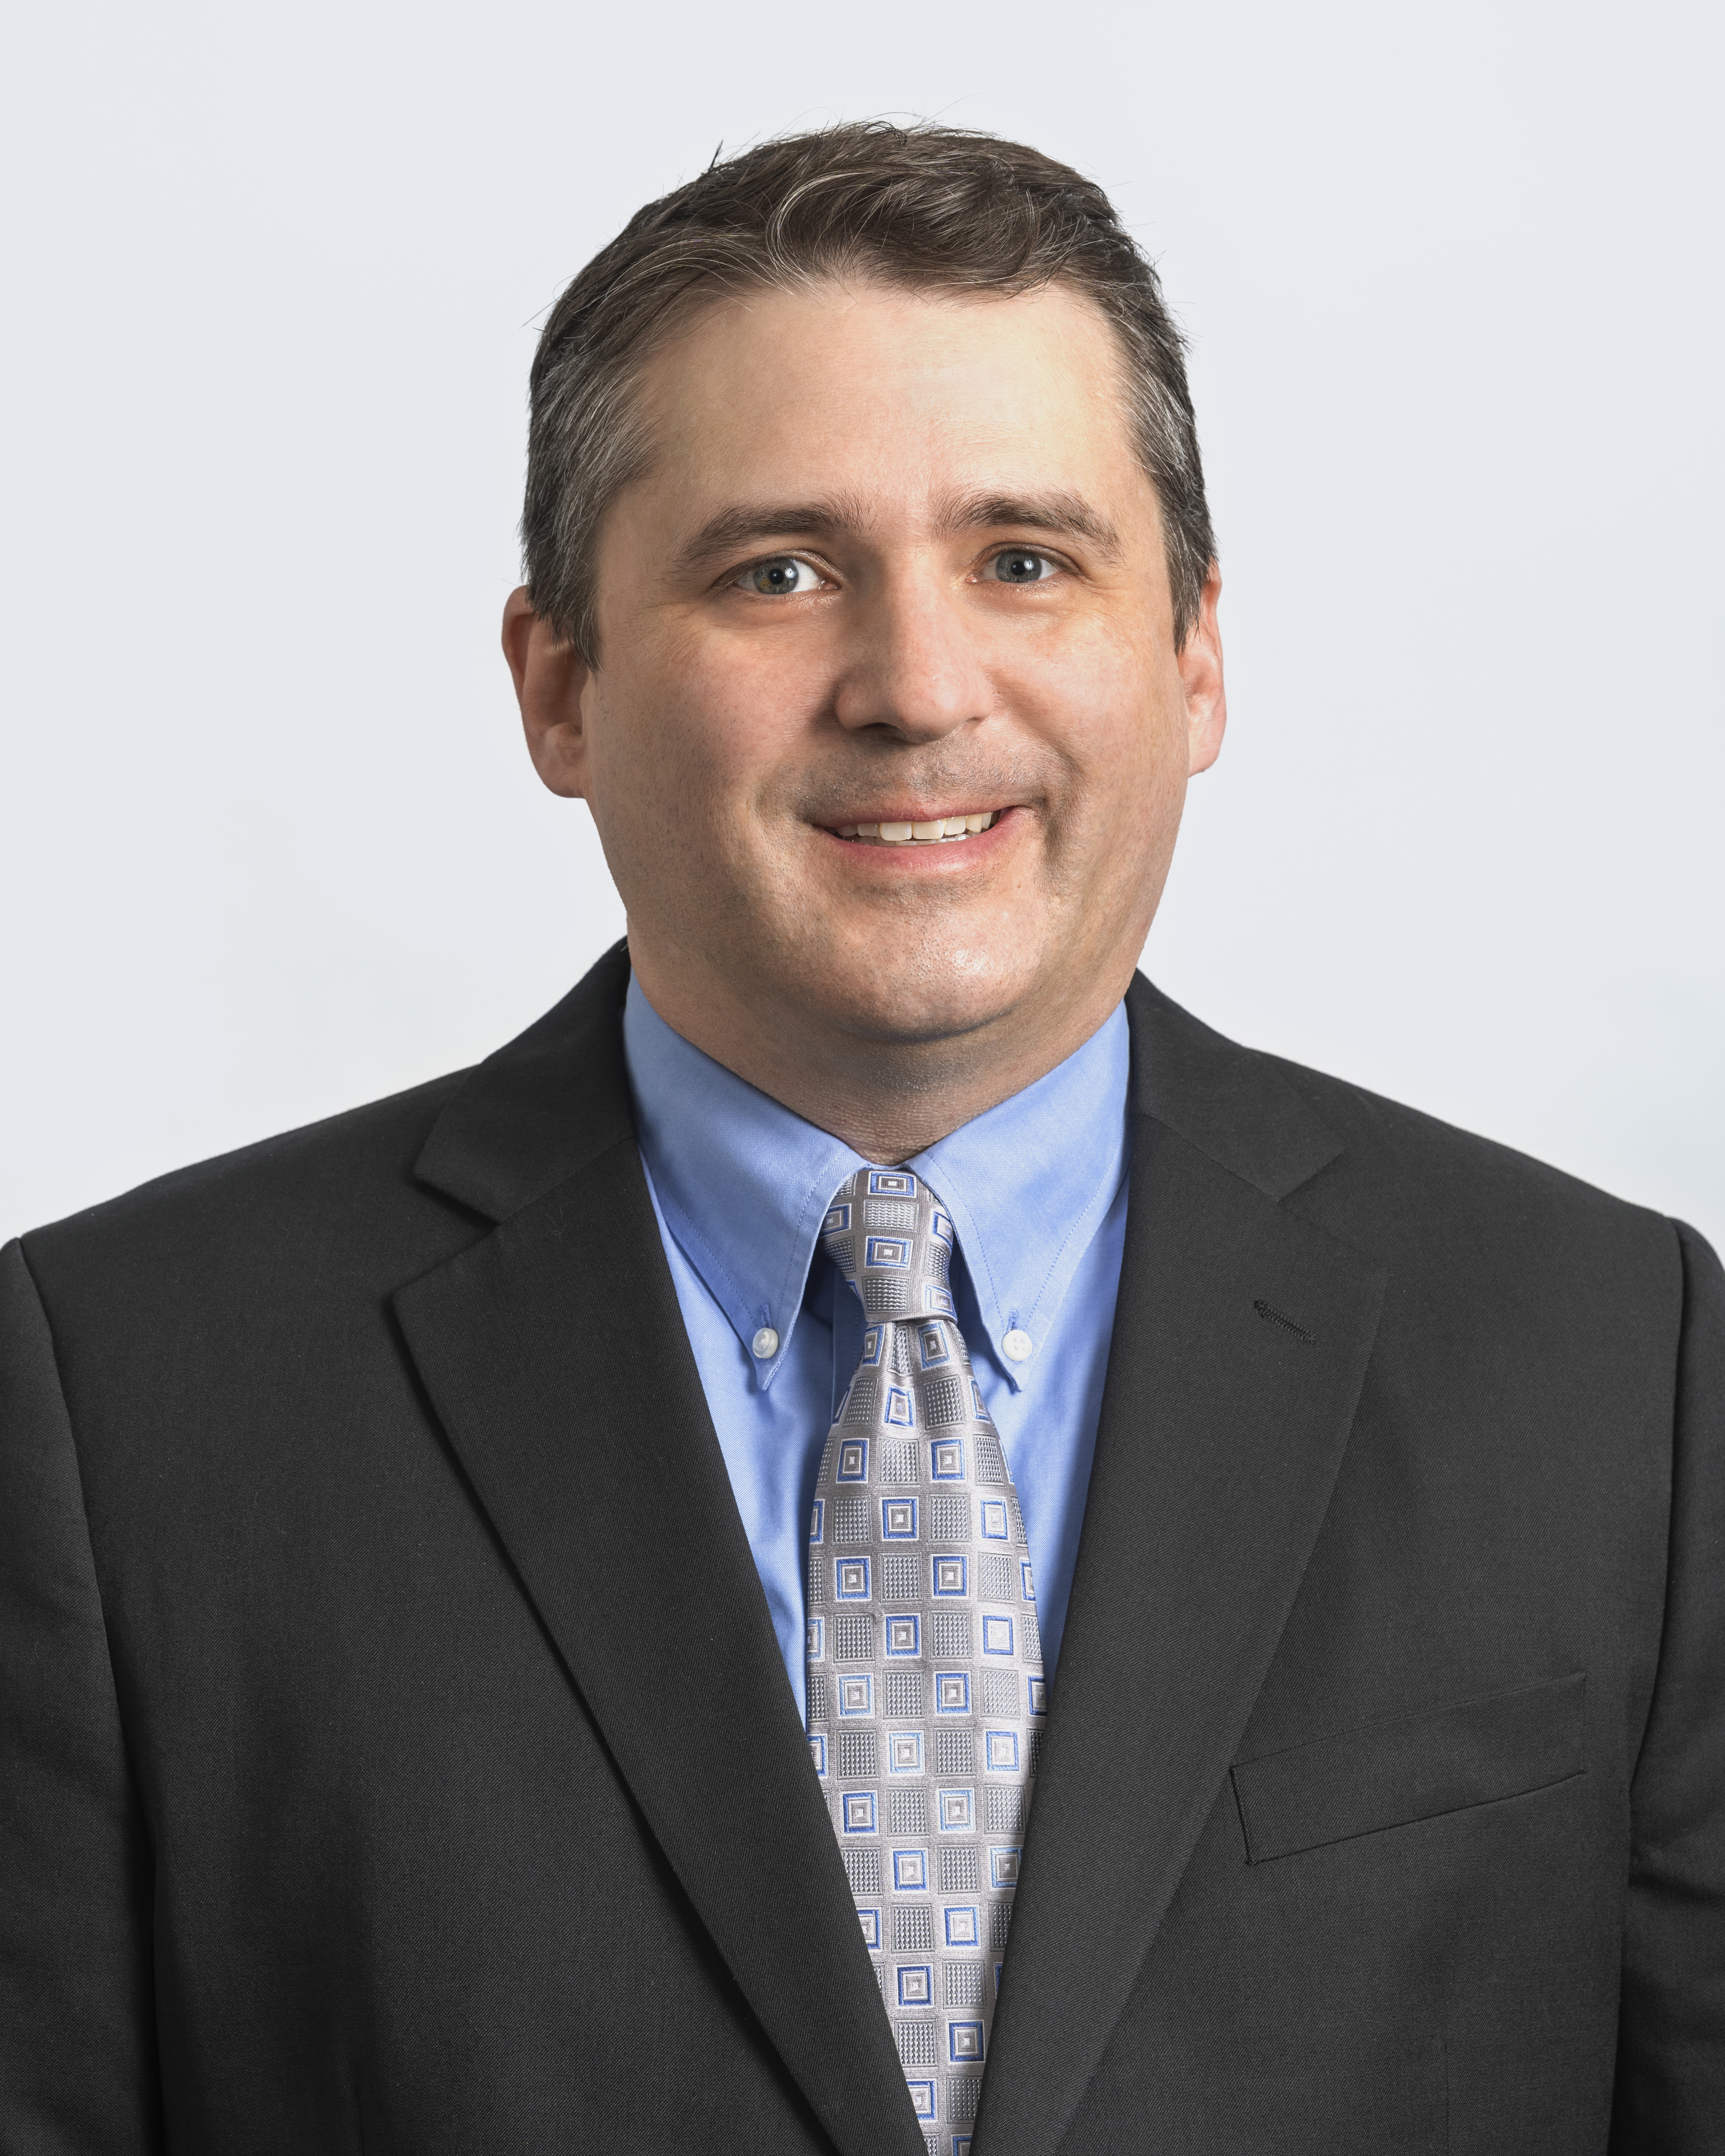 Larry A. Pittman, II